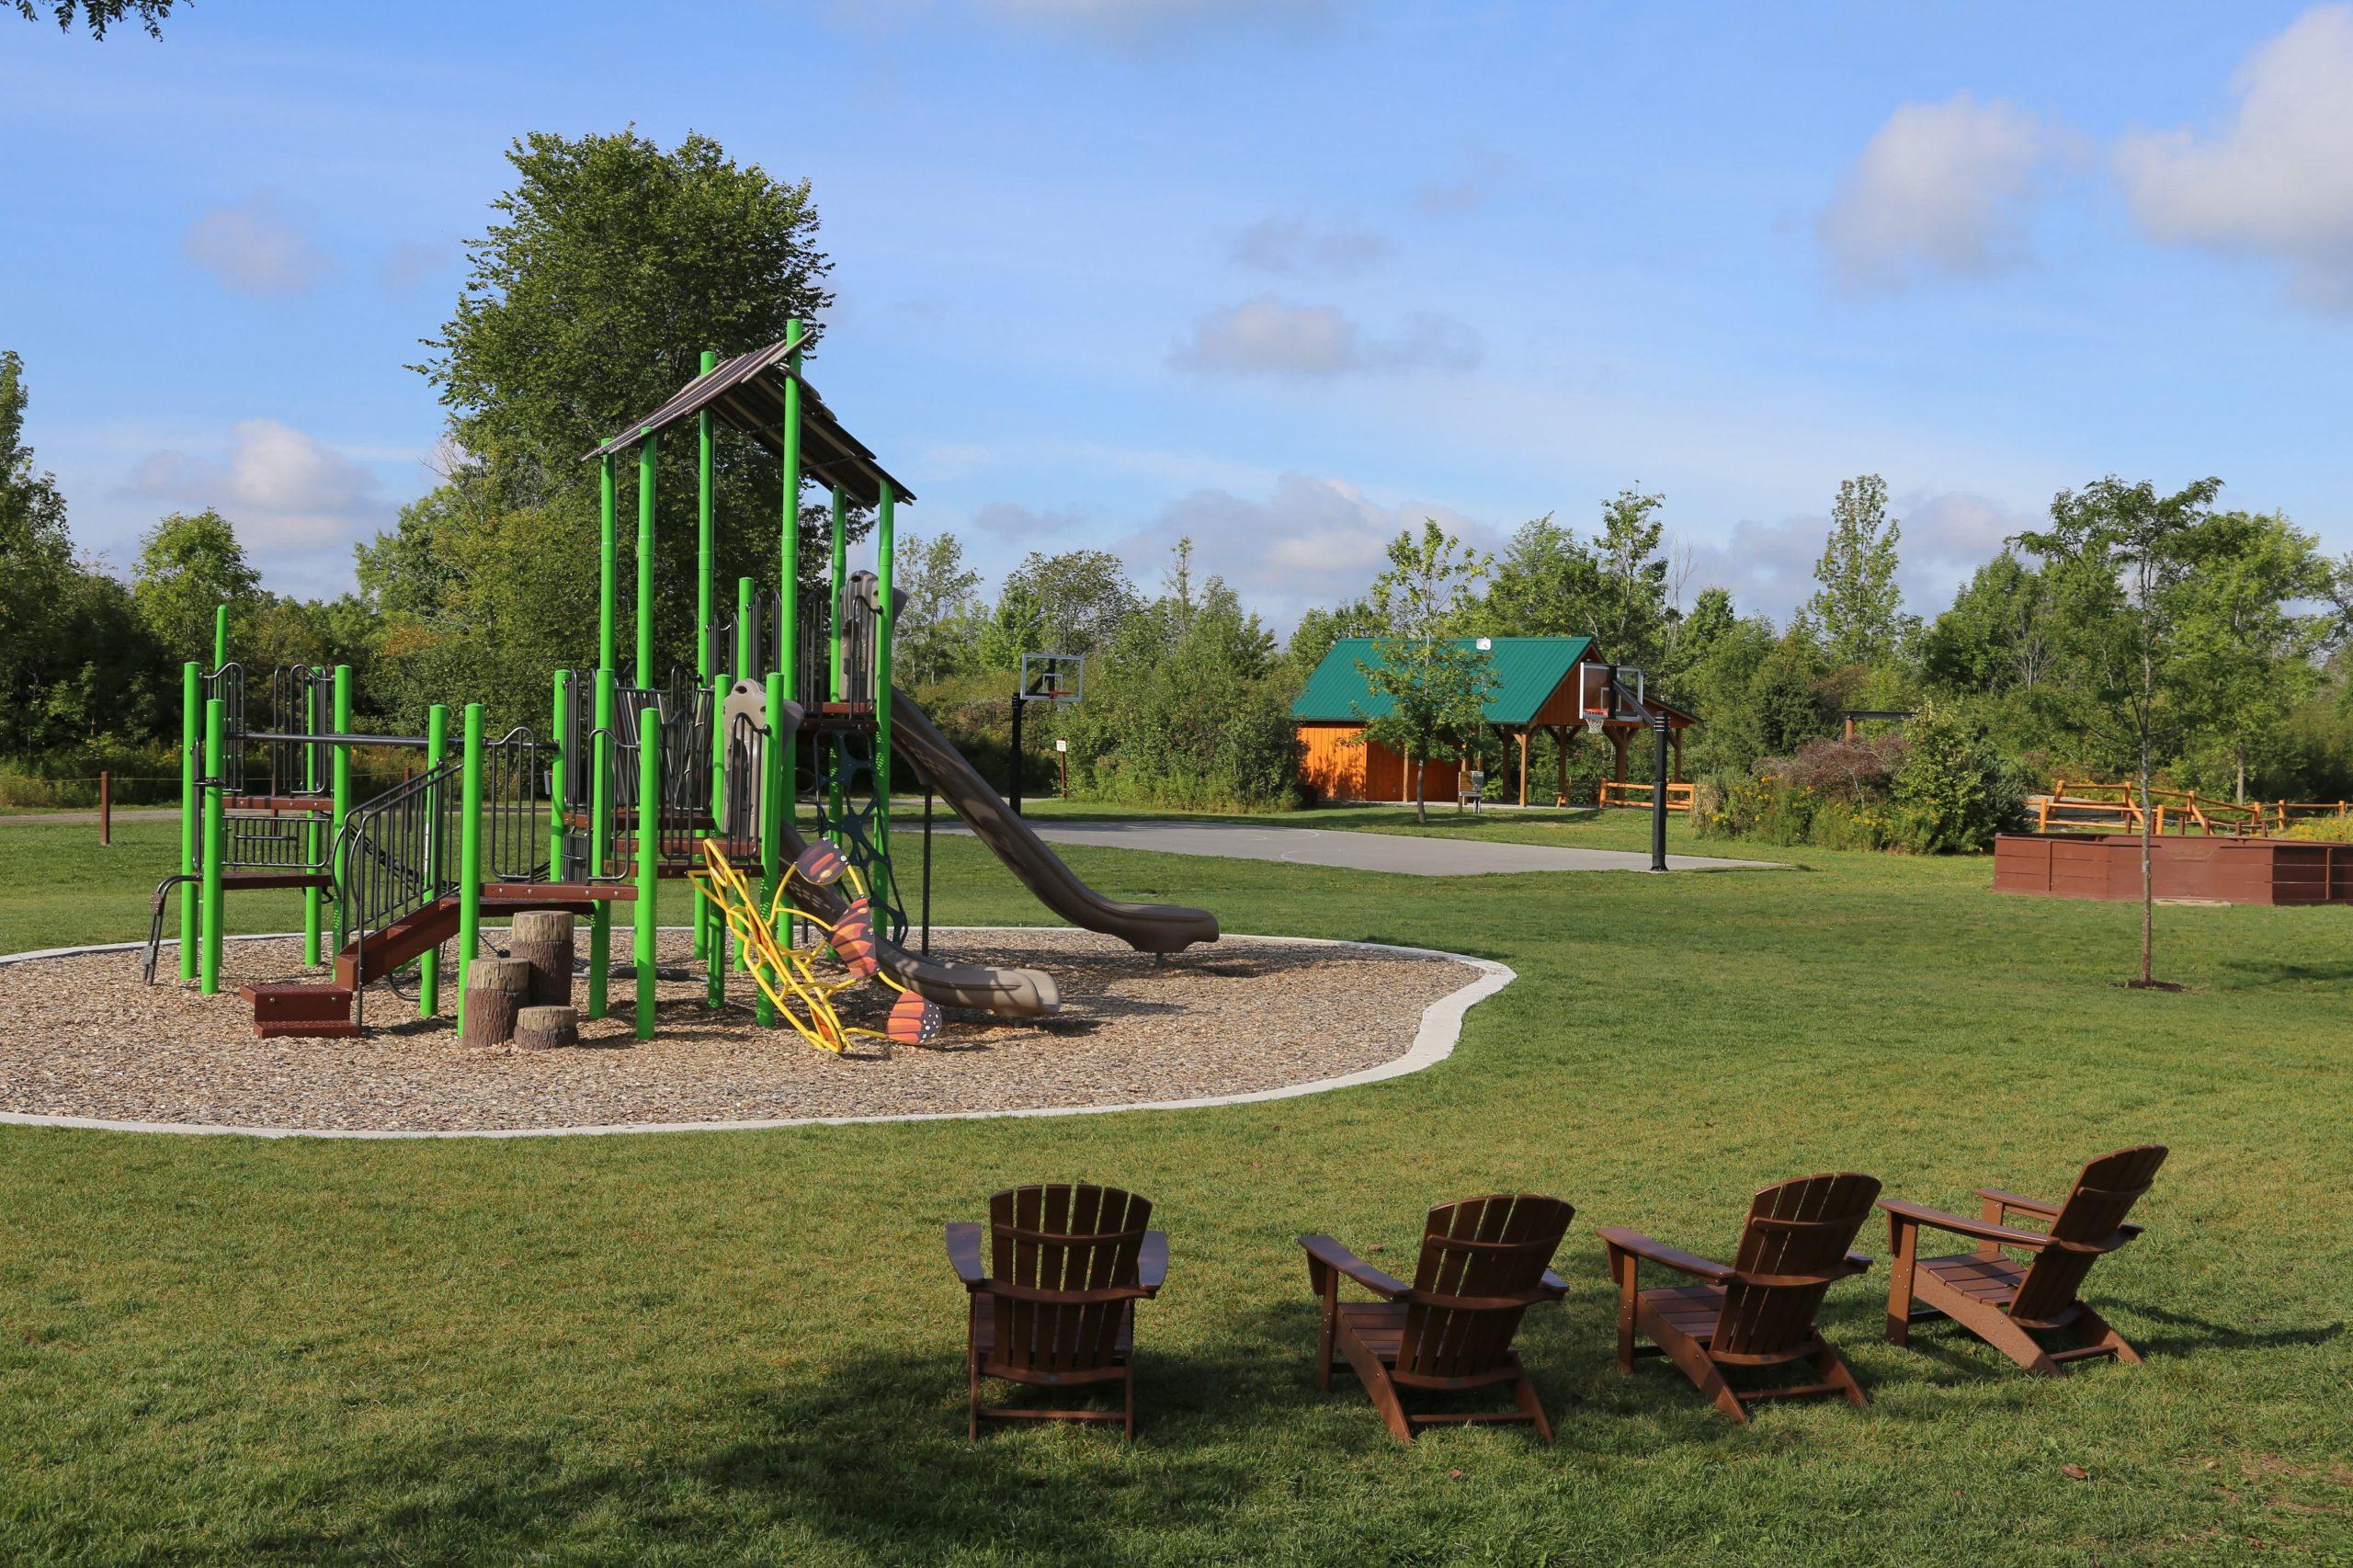 playground structure and Adirondack chairs